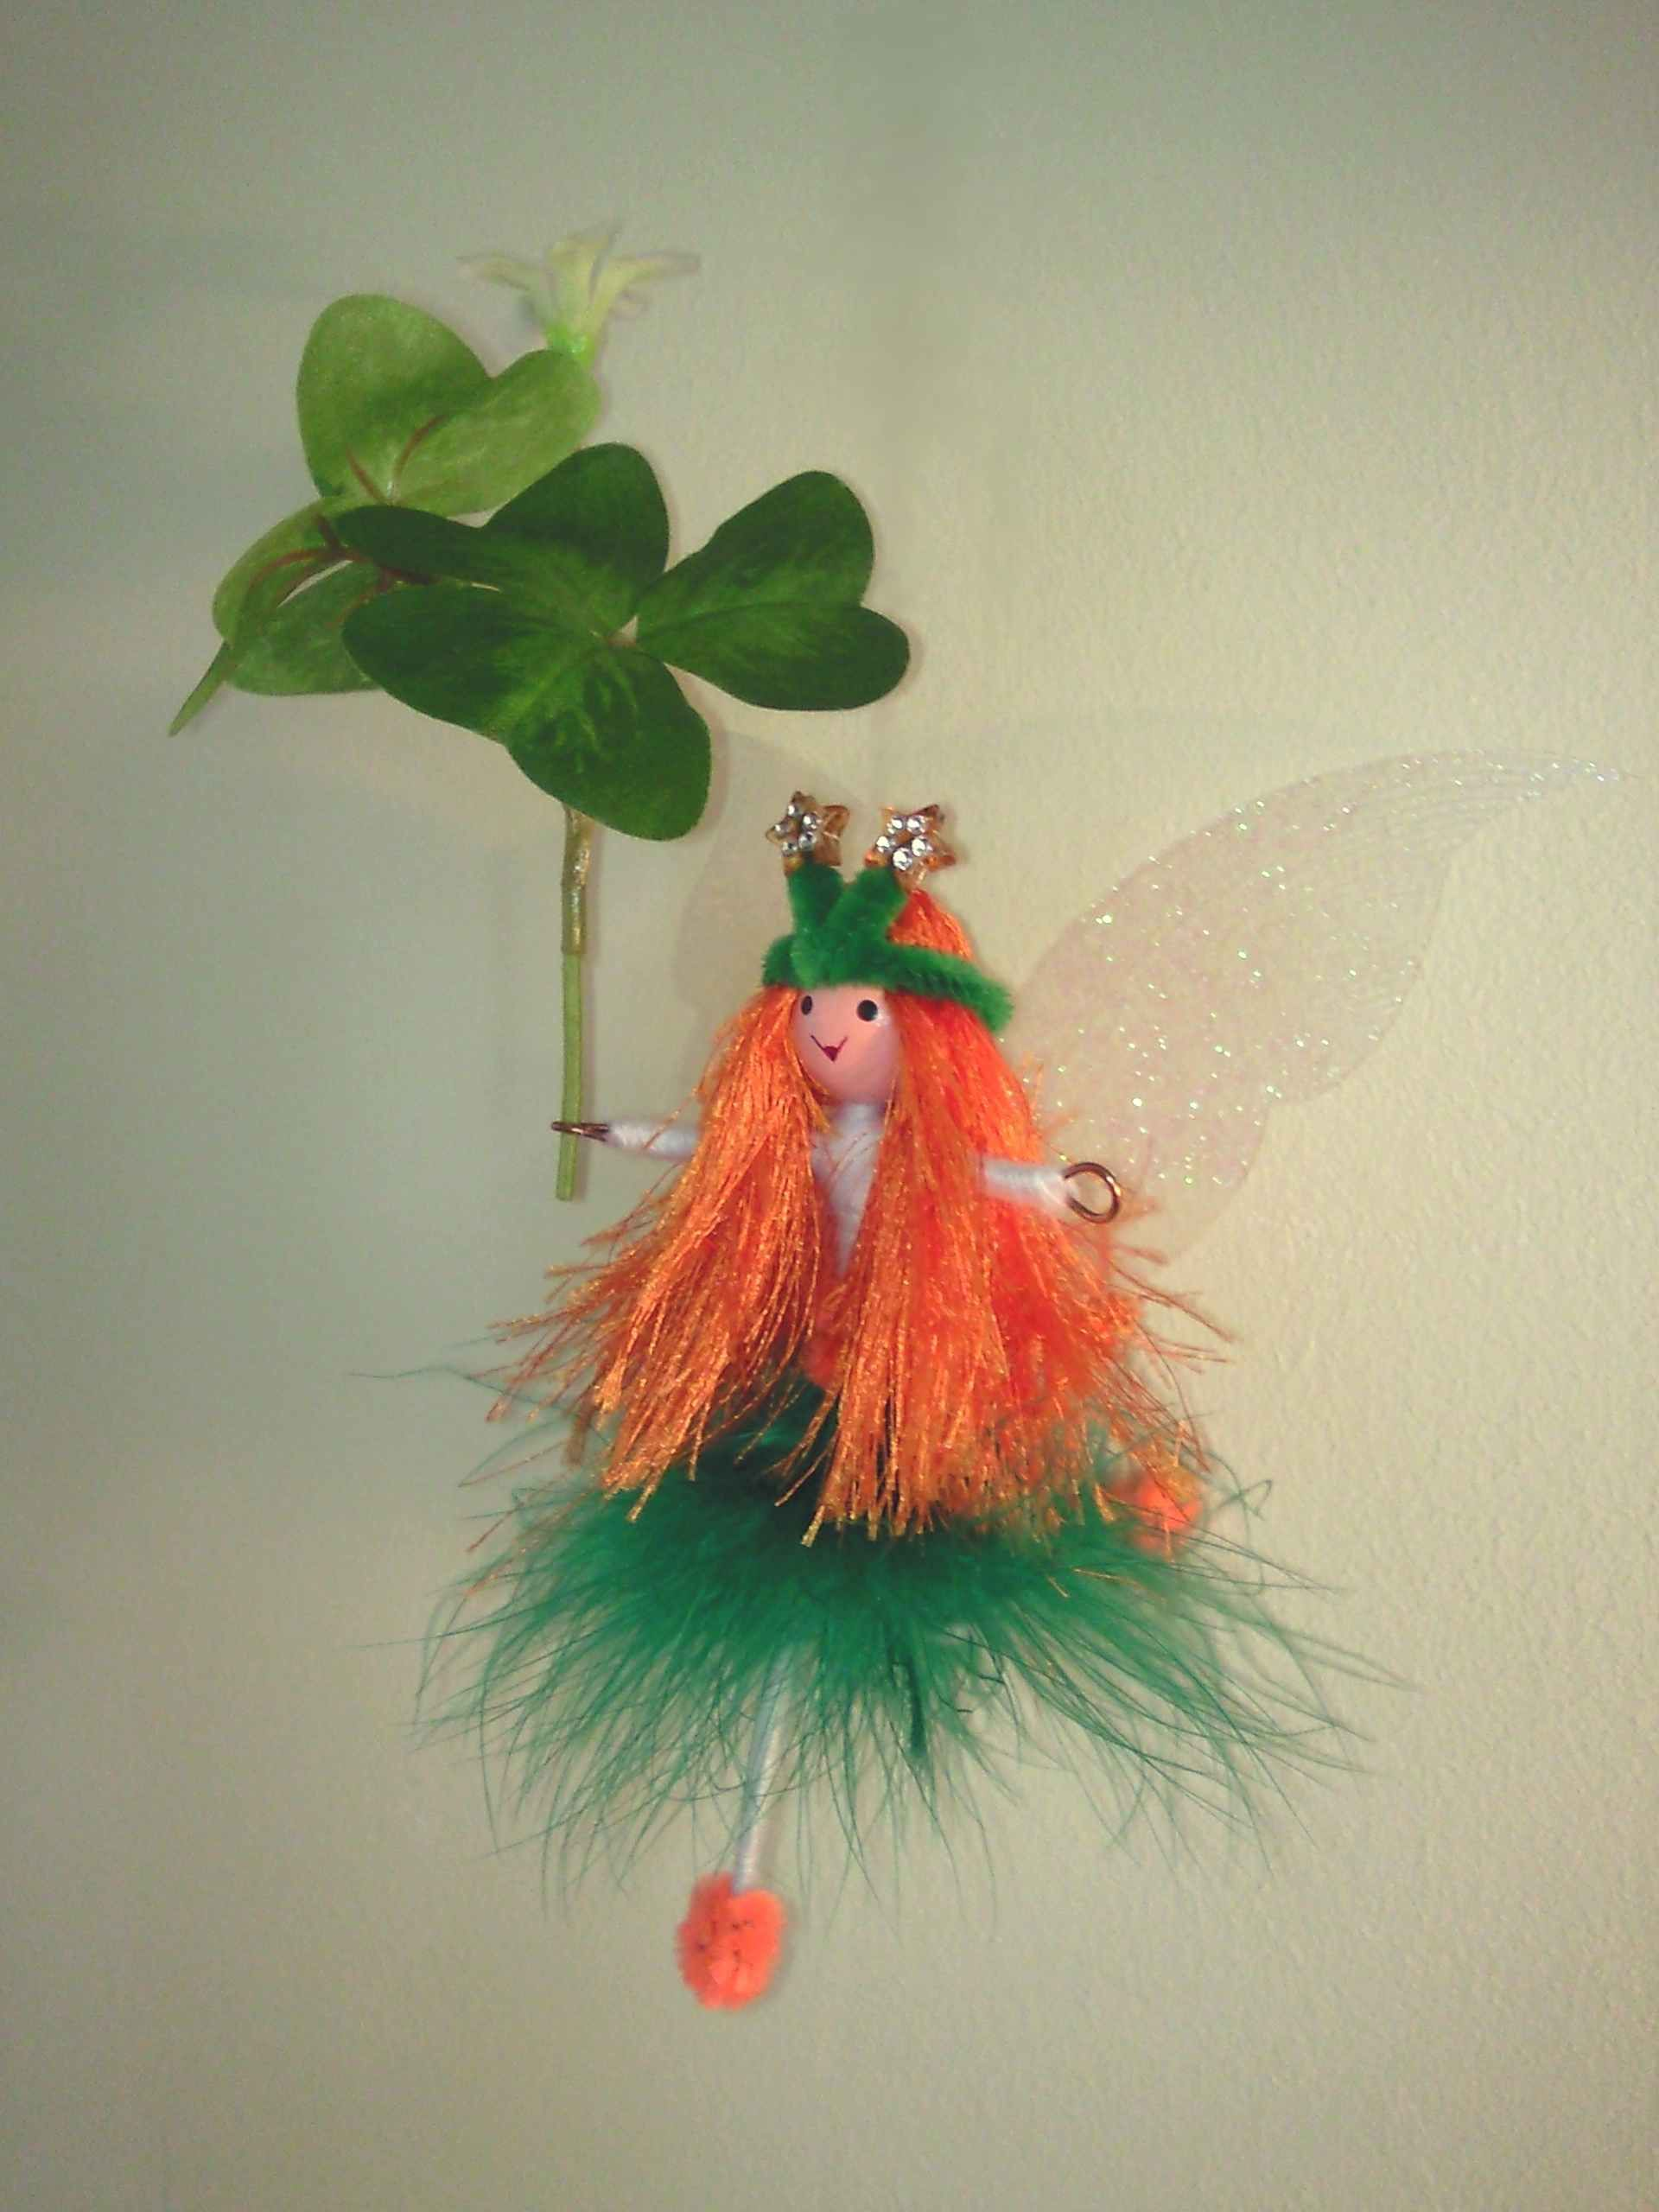 What Is Ireland's National Flower Irish Fairy Fairies